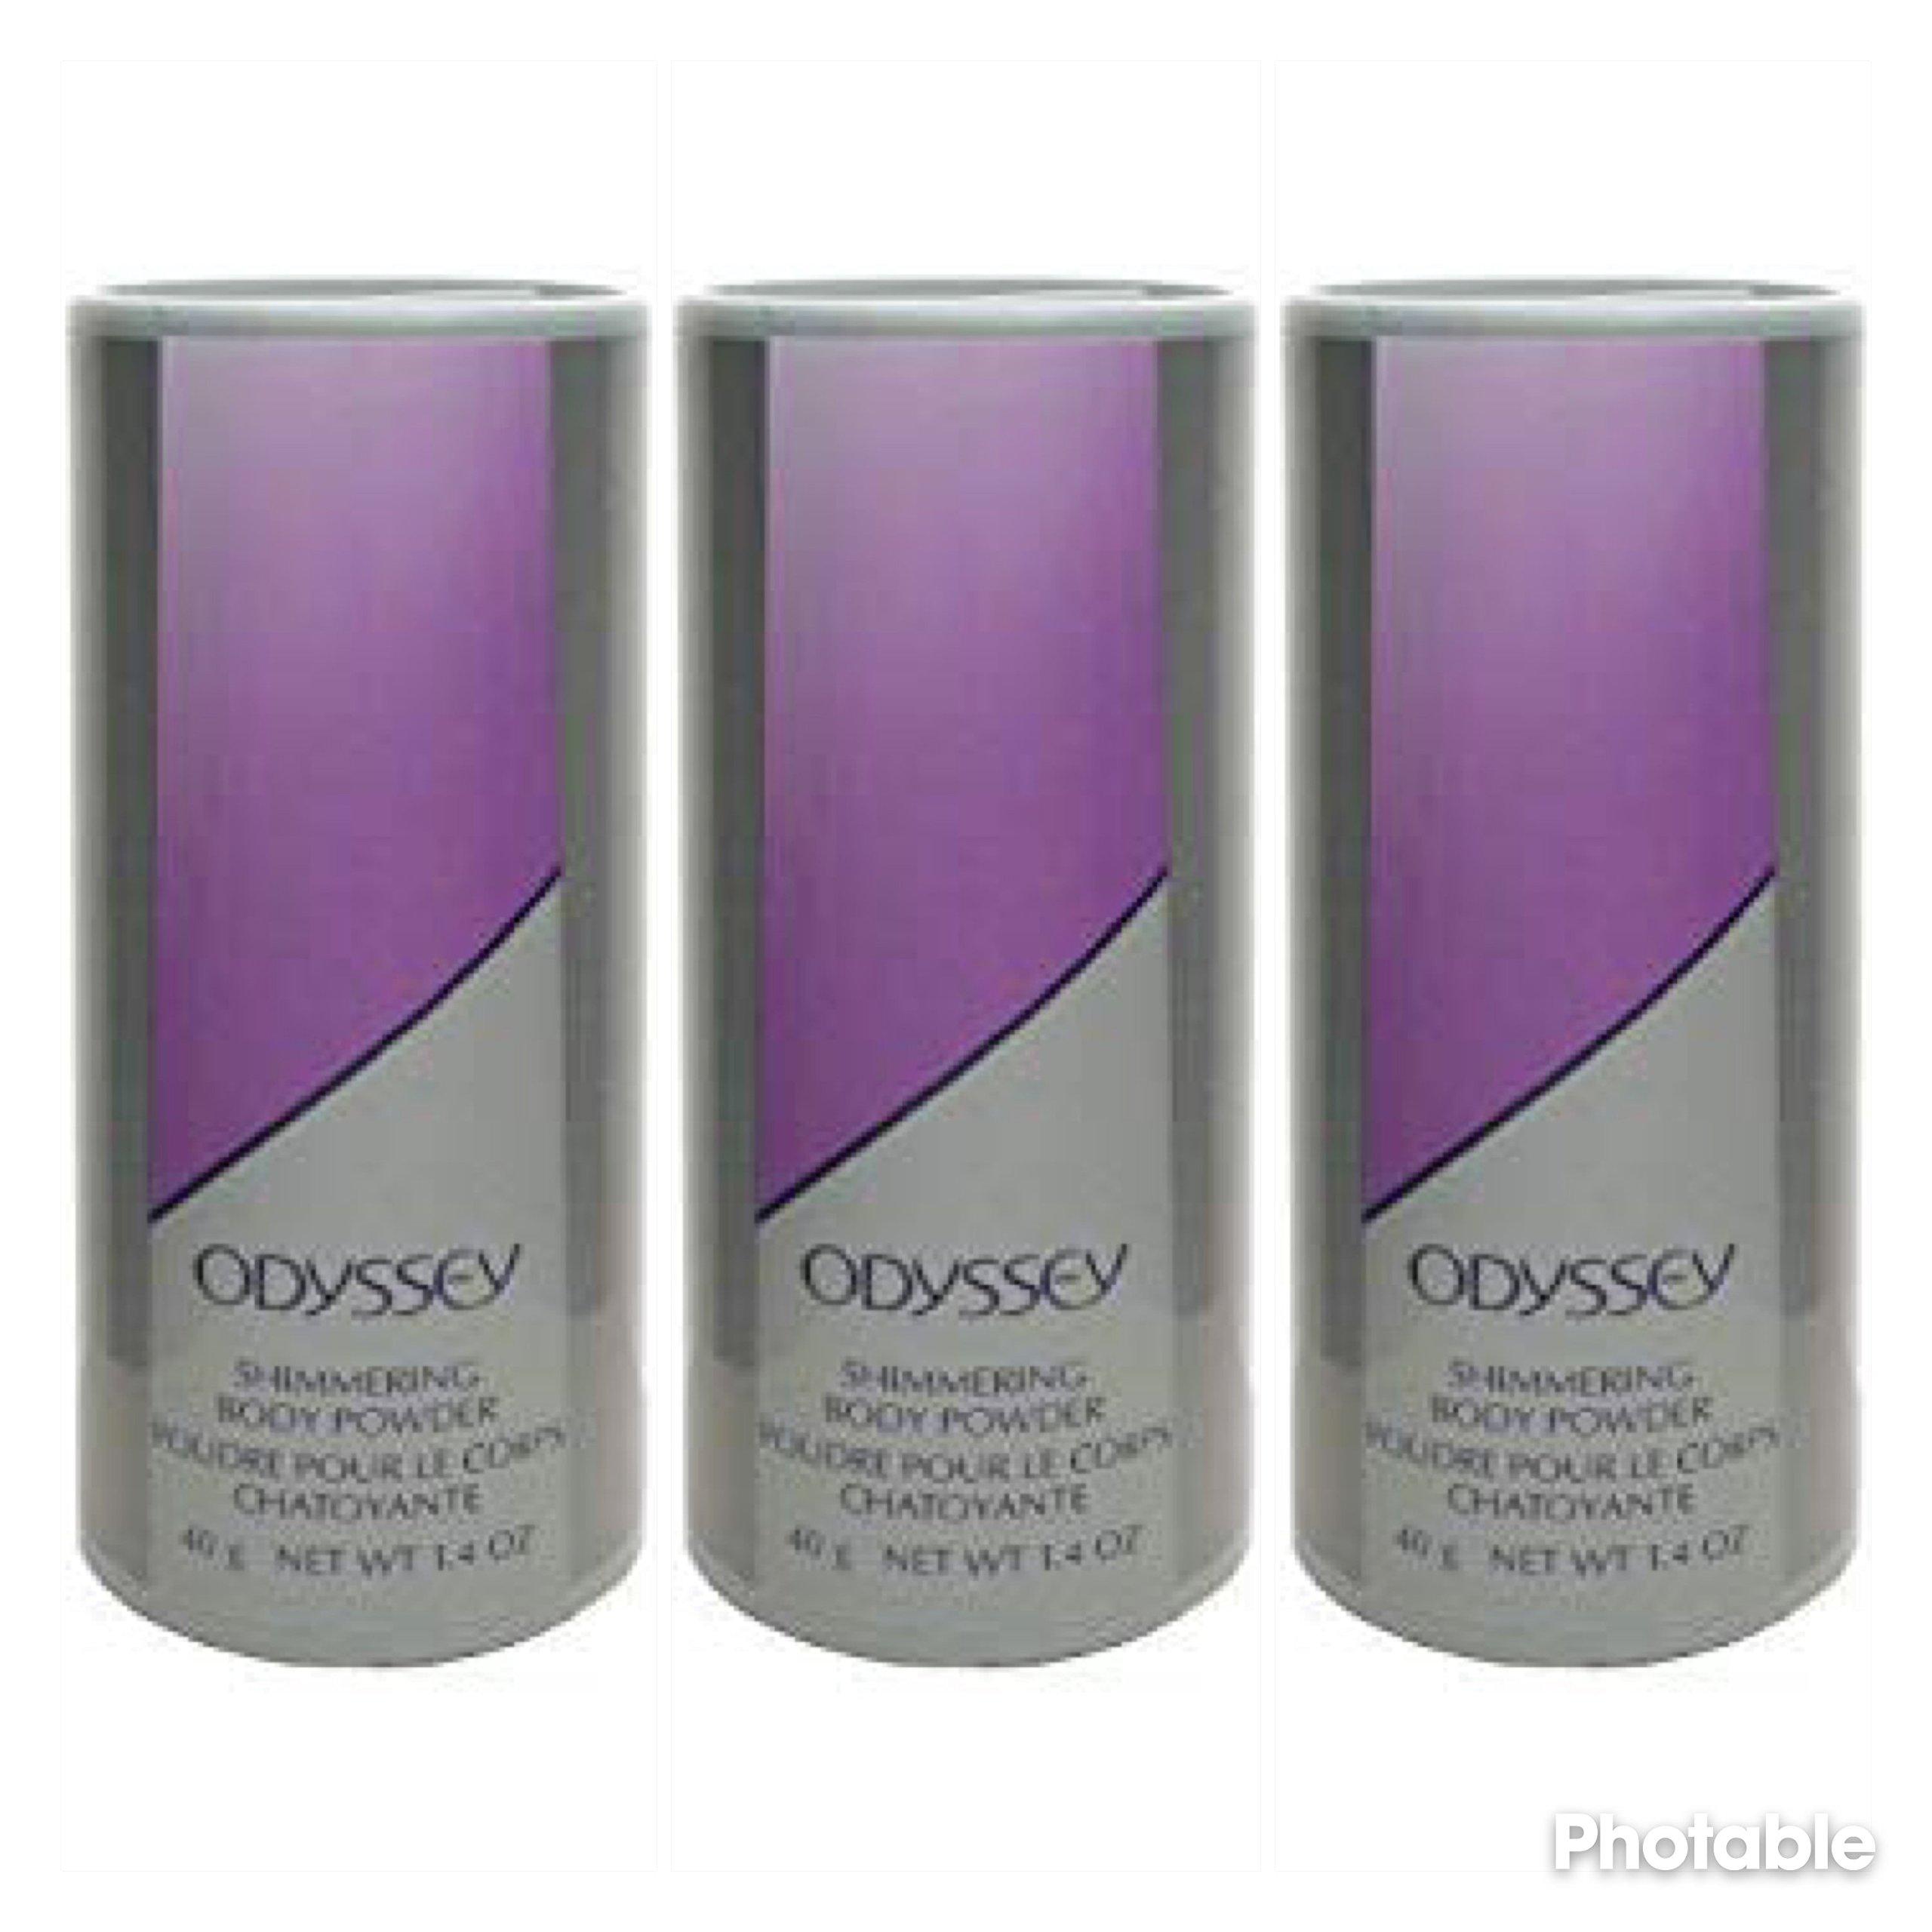 Avon Odyssey Shimmering Body Powder Talc 1.4 oz each - LOT OF 3